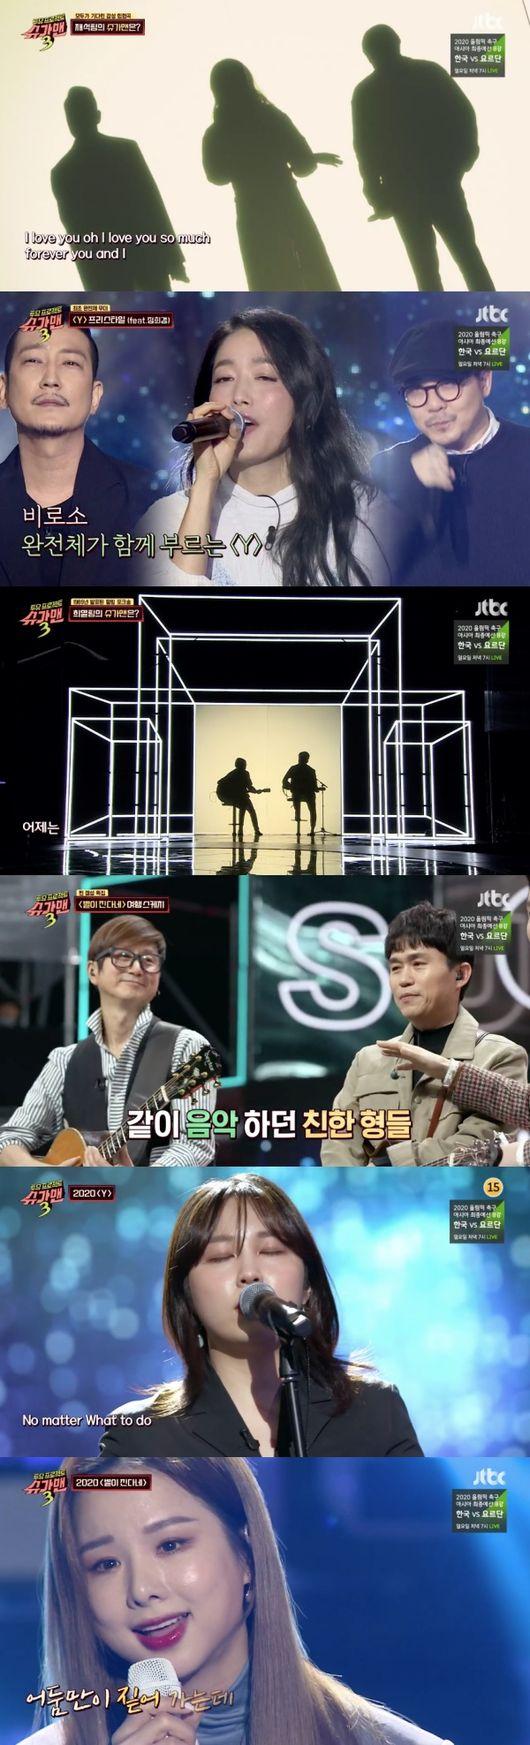 [사진=JTBC 방송화면] '슈가맨3'에 프리스타일과 여행스케치가 출연했다.